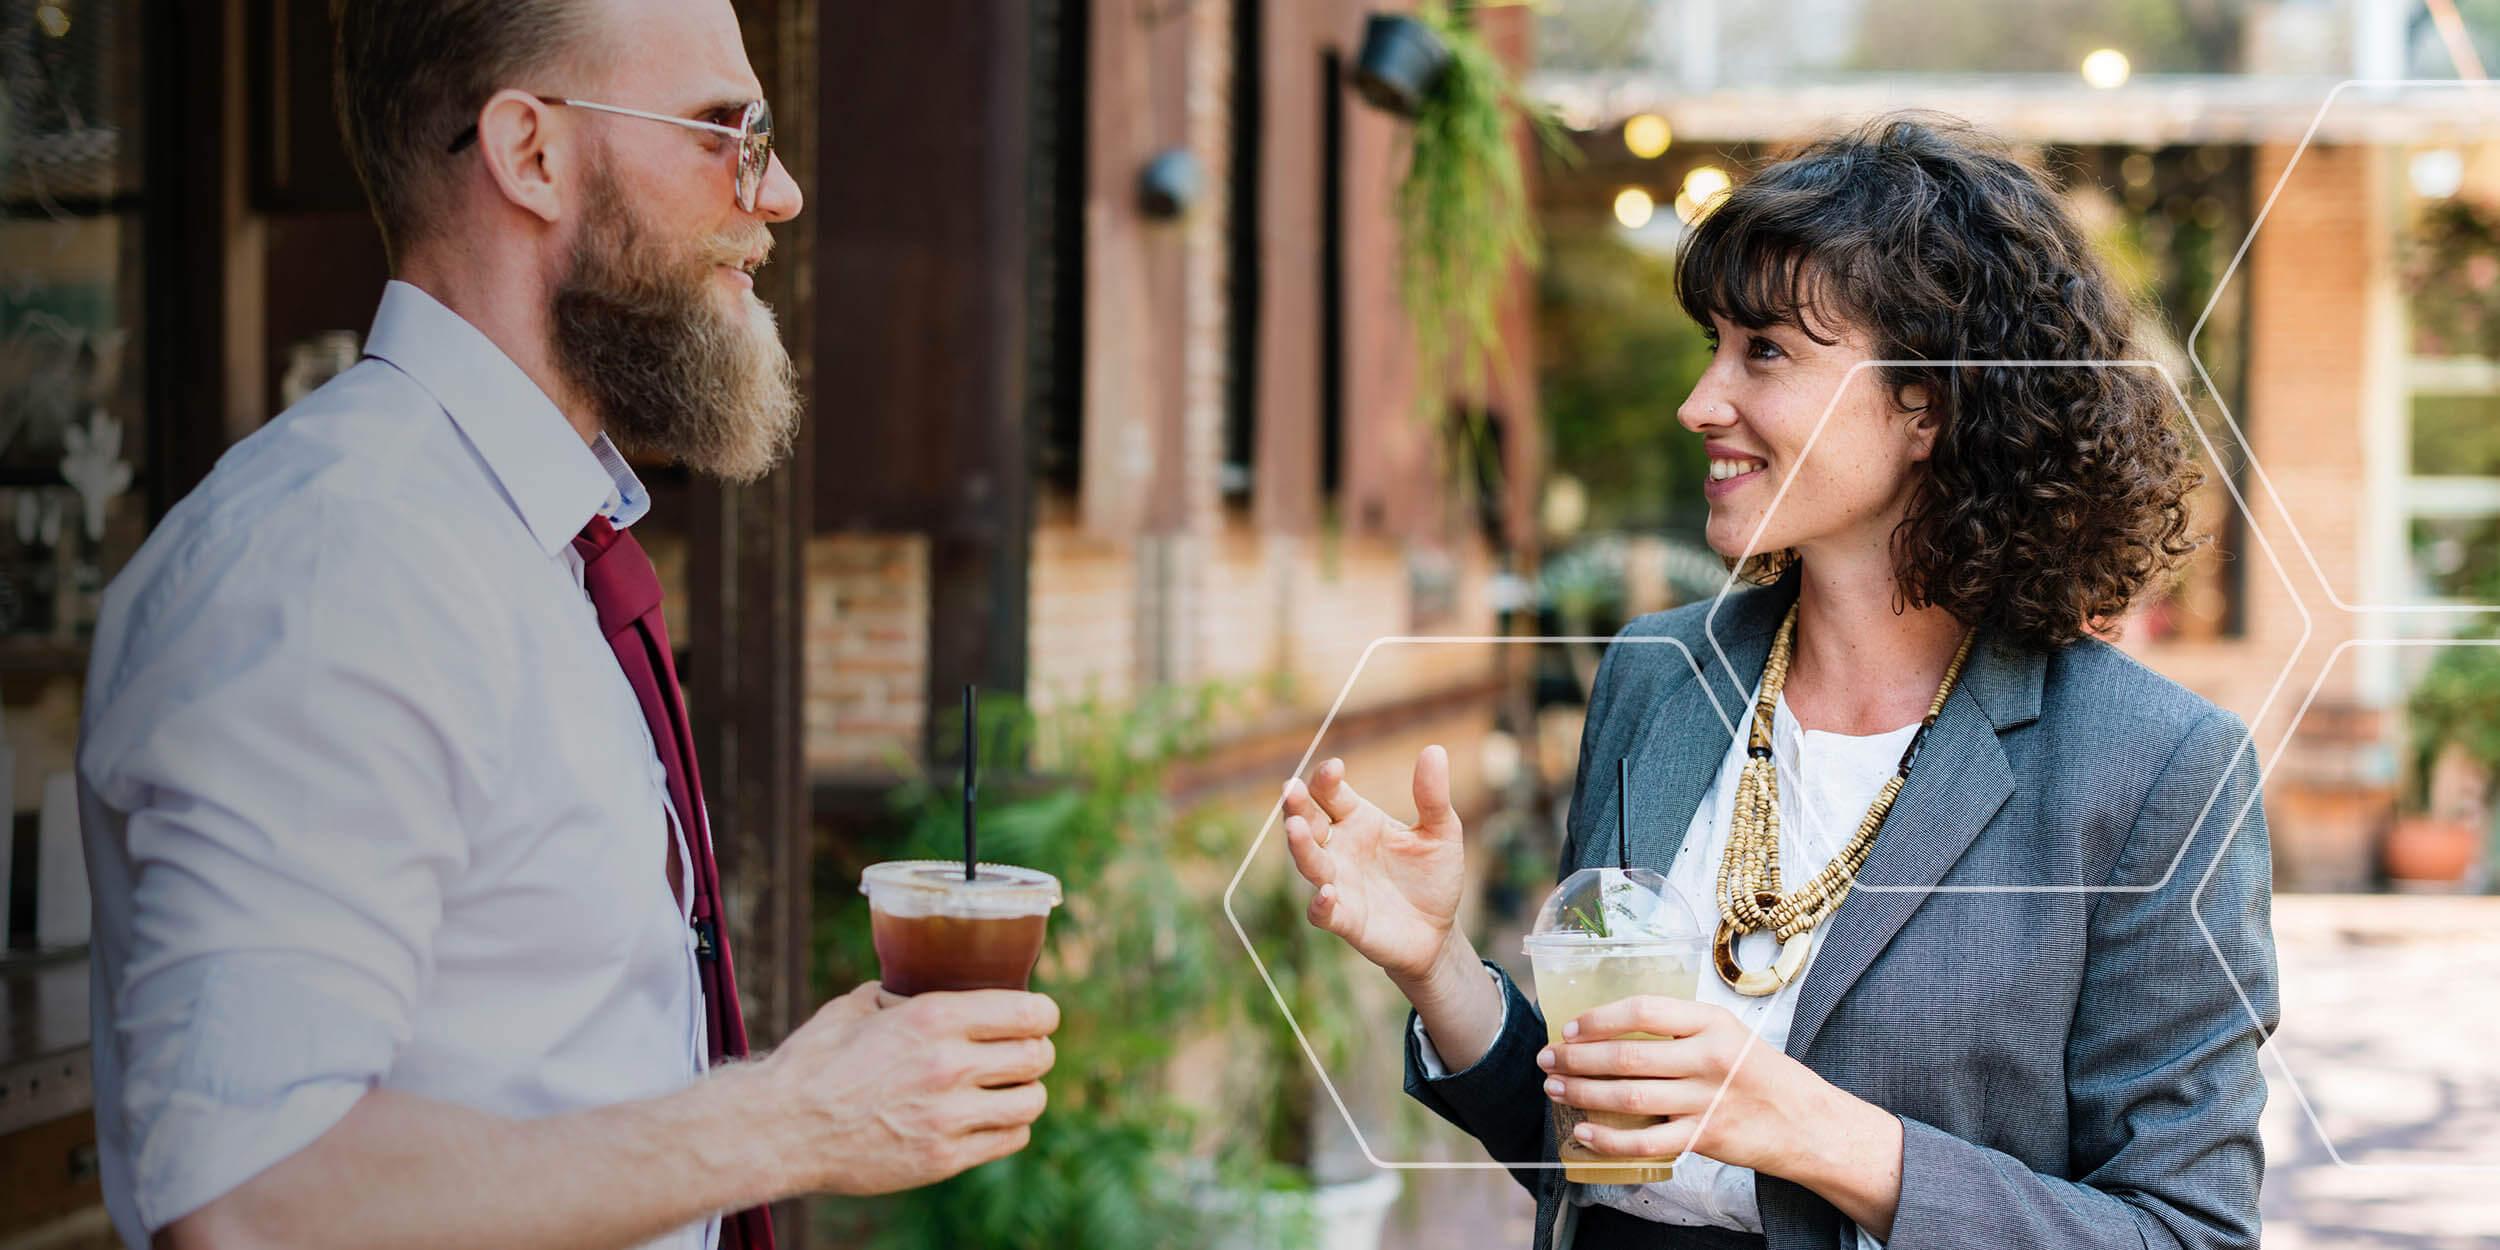 Man en vrouw met drankjes.jpg